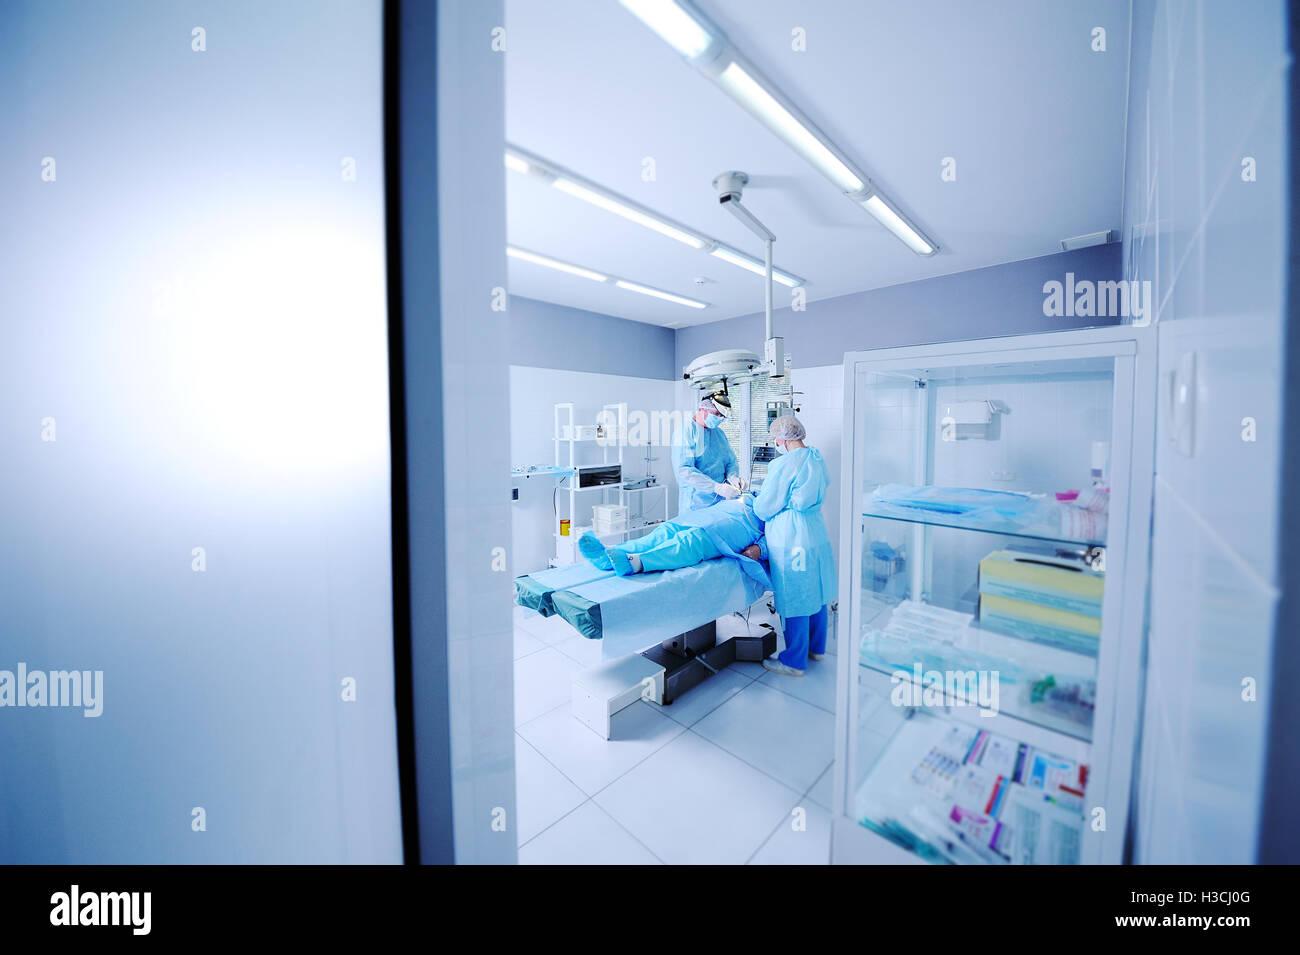 surgeons do surgery patient - Stock Image